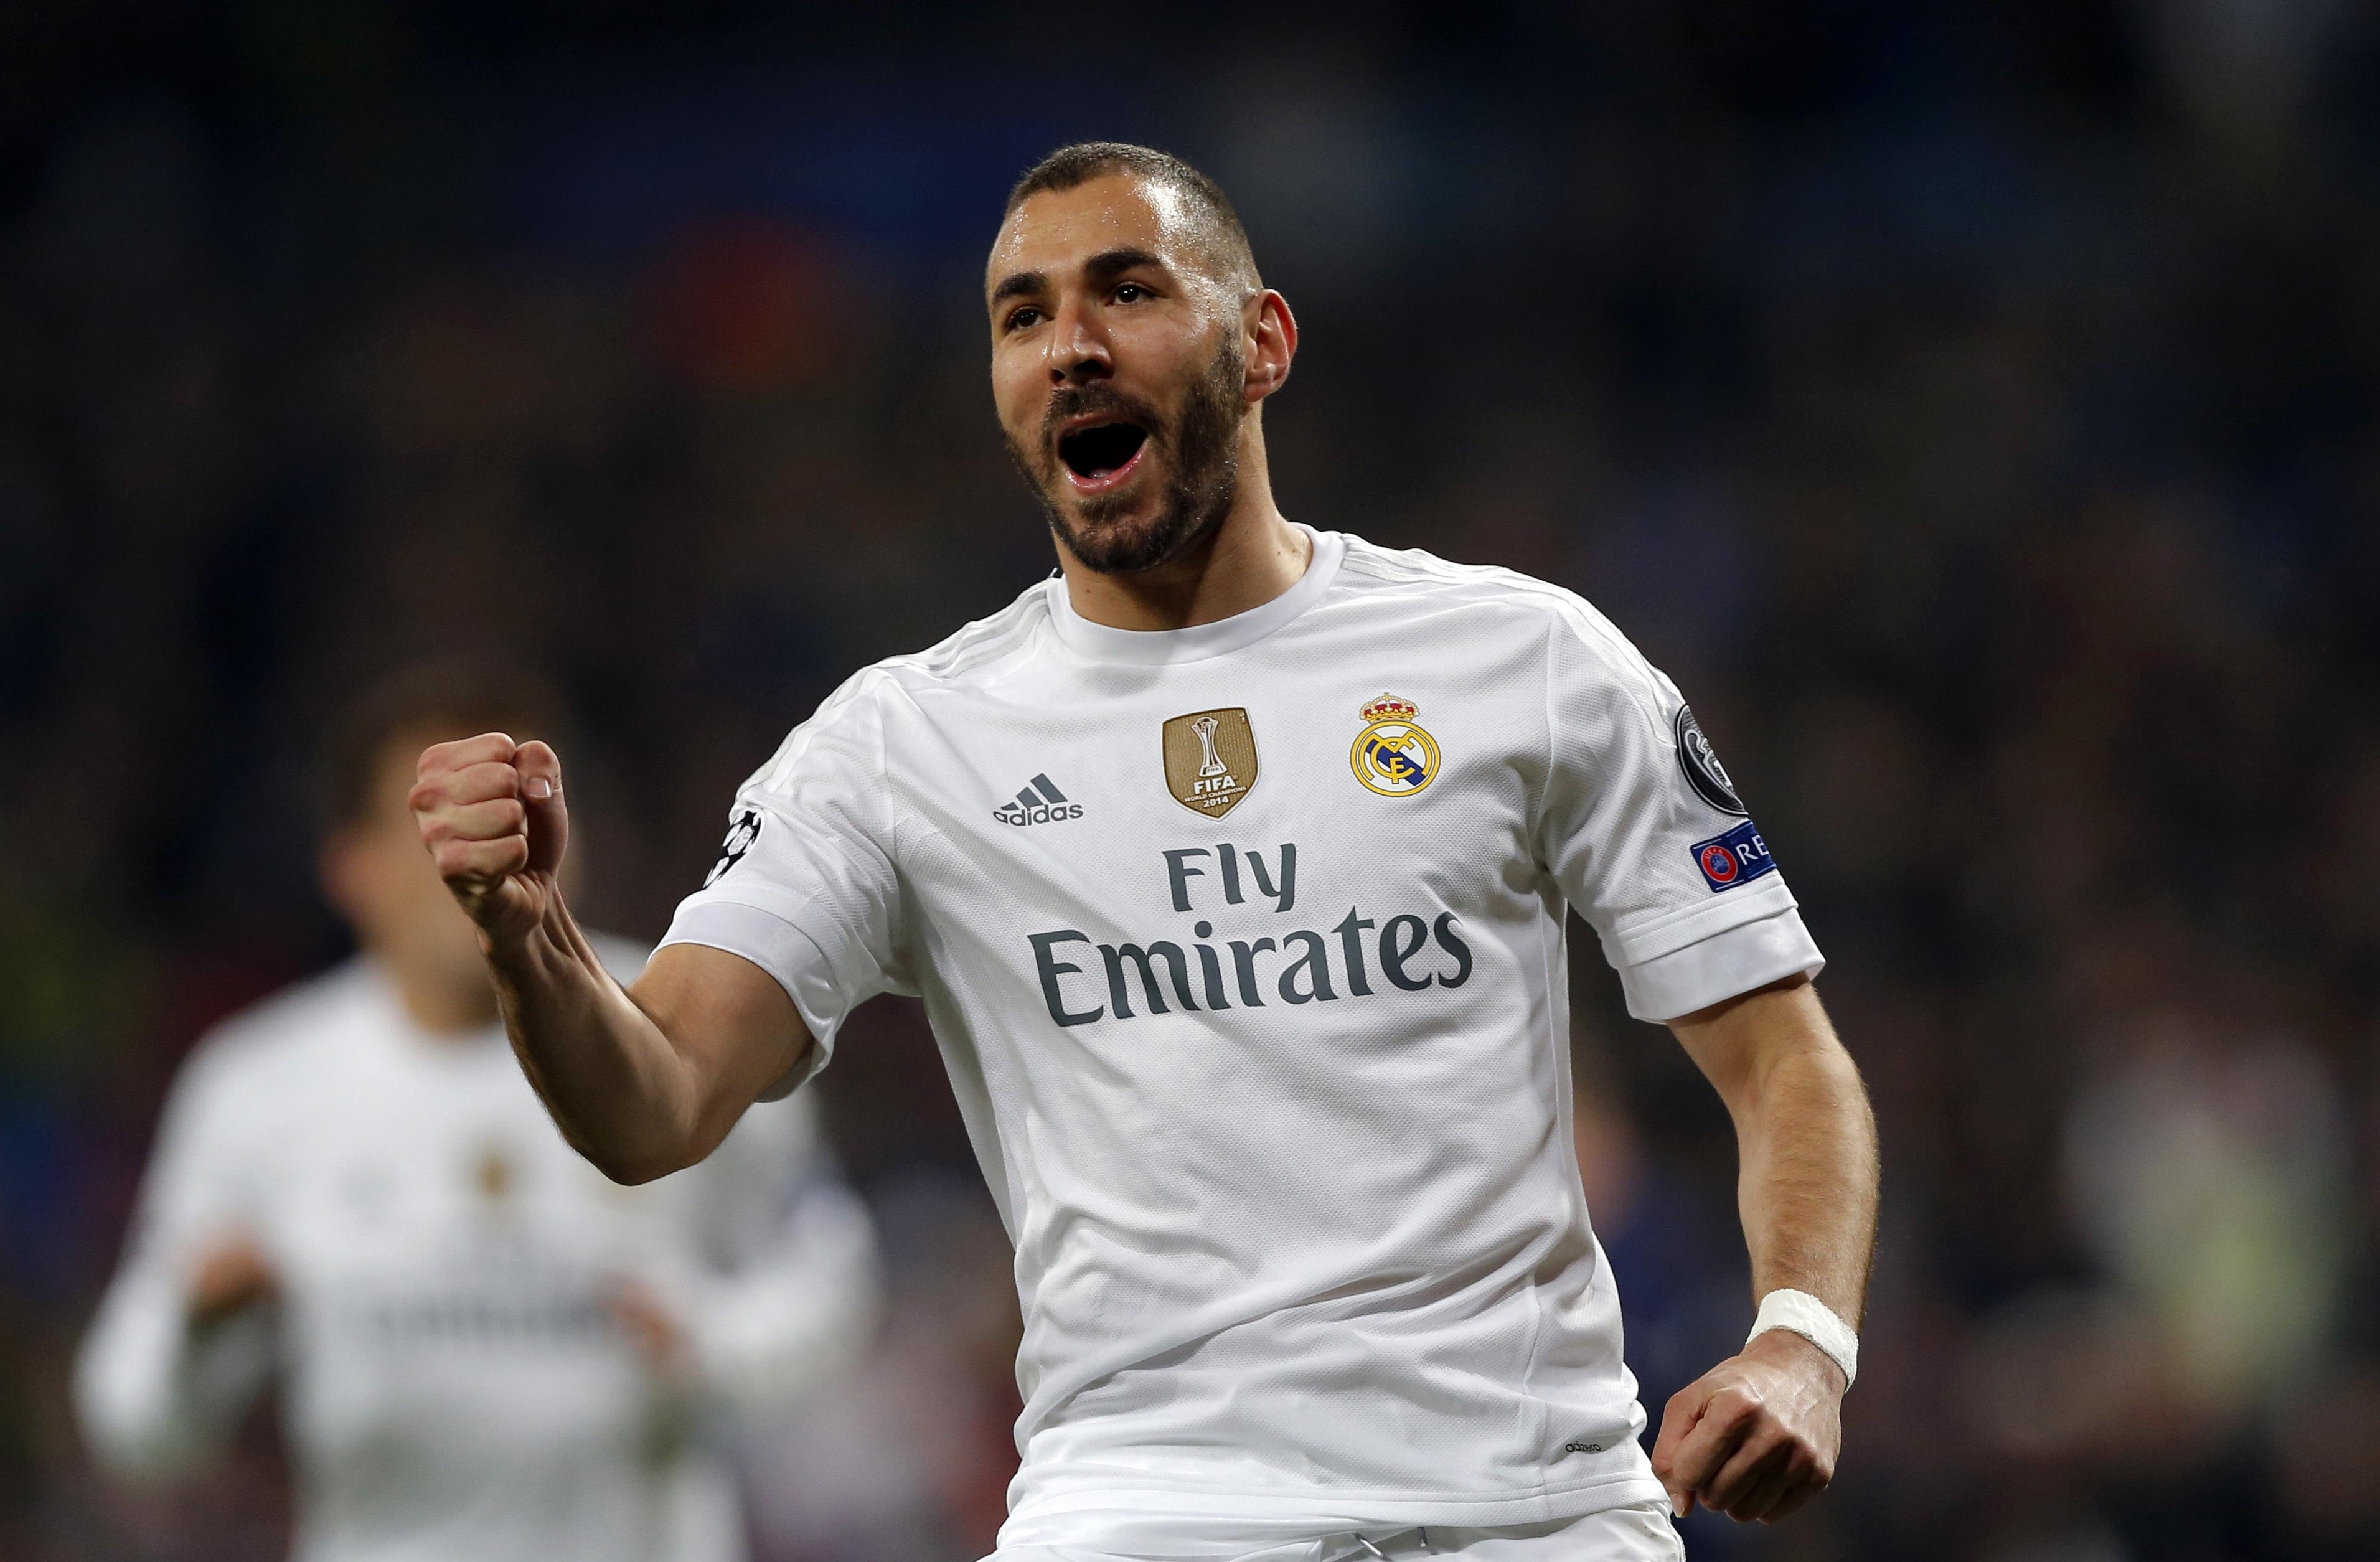 Karim Benzema Net Worth $40 million